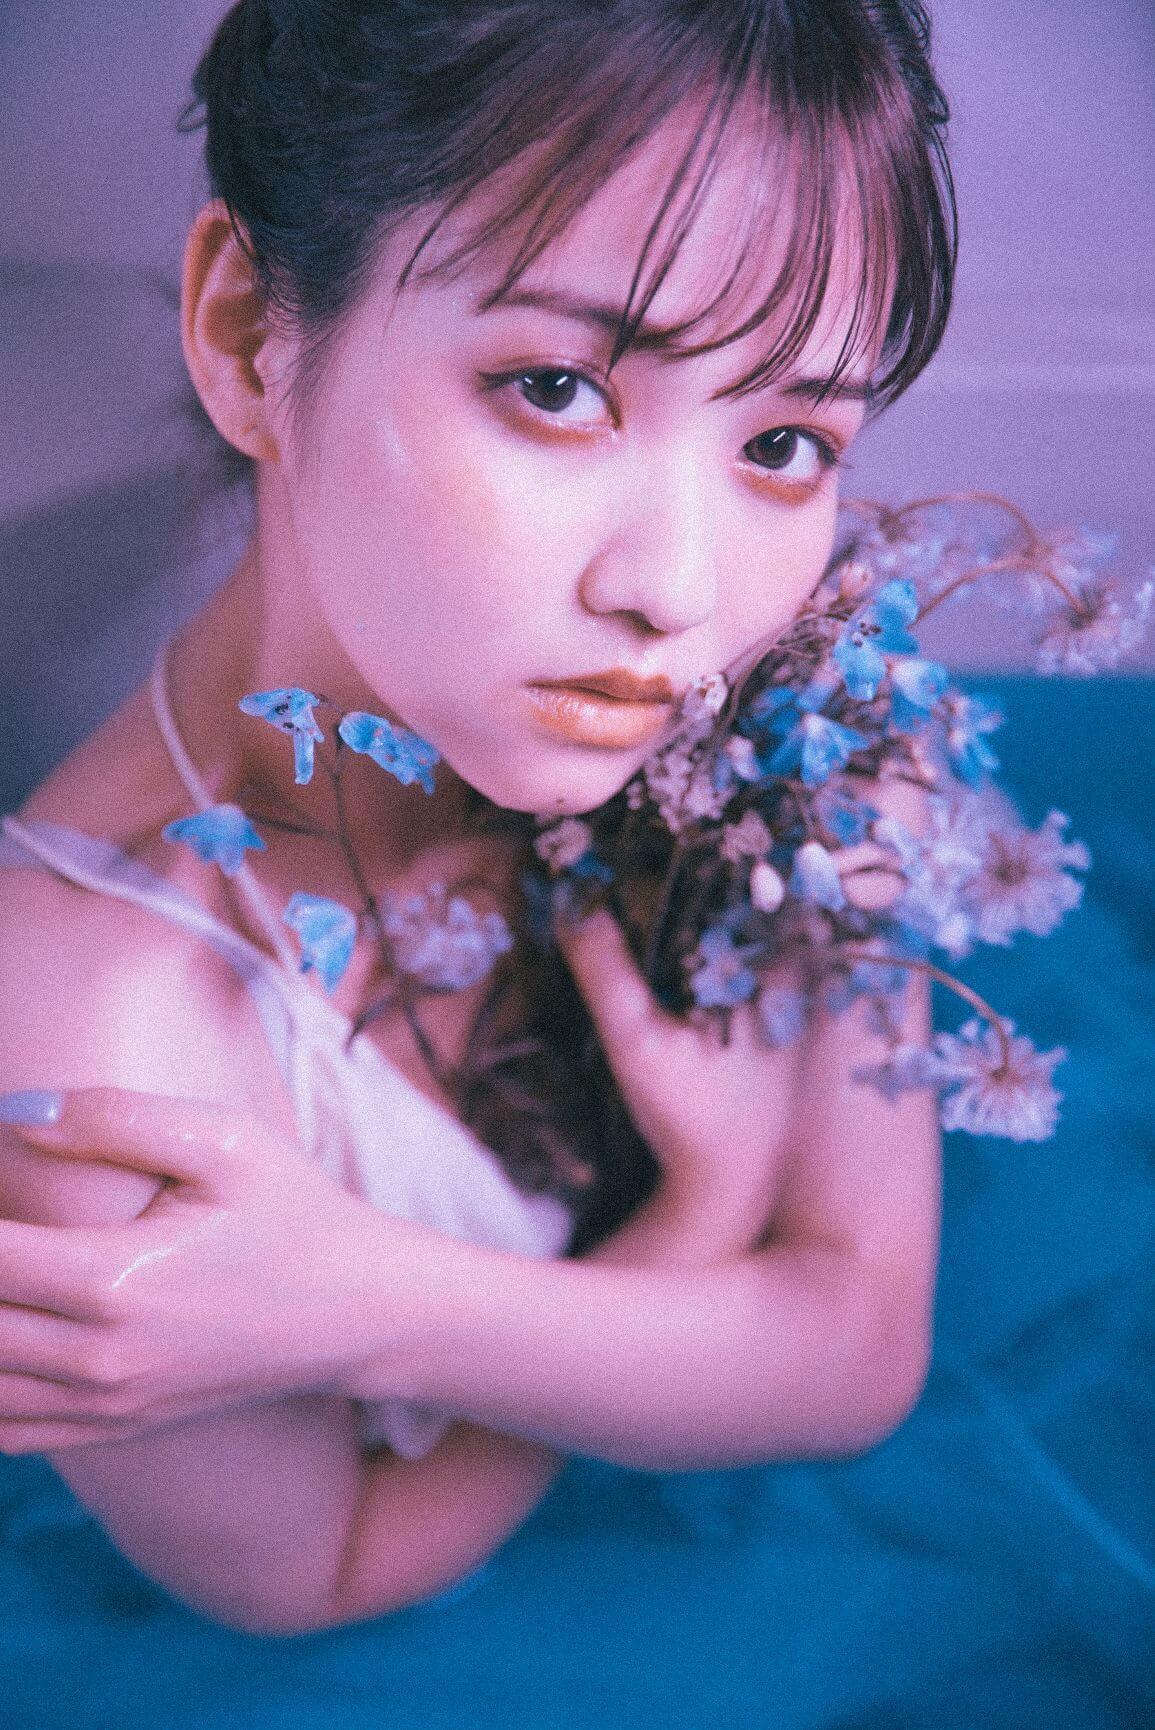 佐藤ノア、ソロ初の楽曲「LONELY STAR NIGHT」配信リリース決定